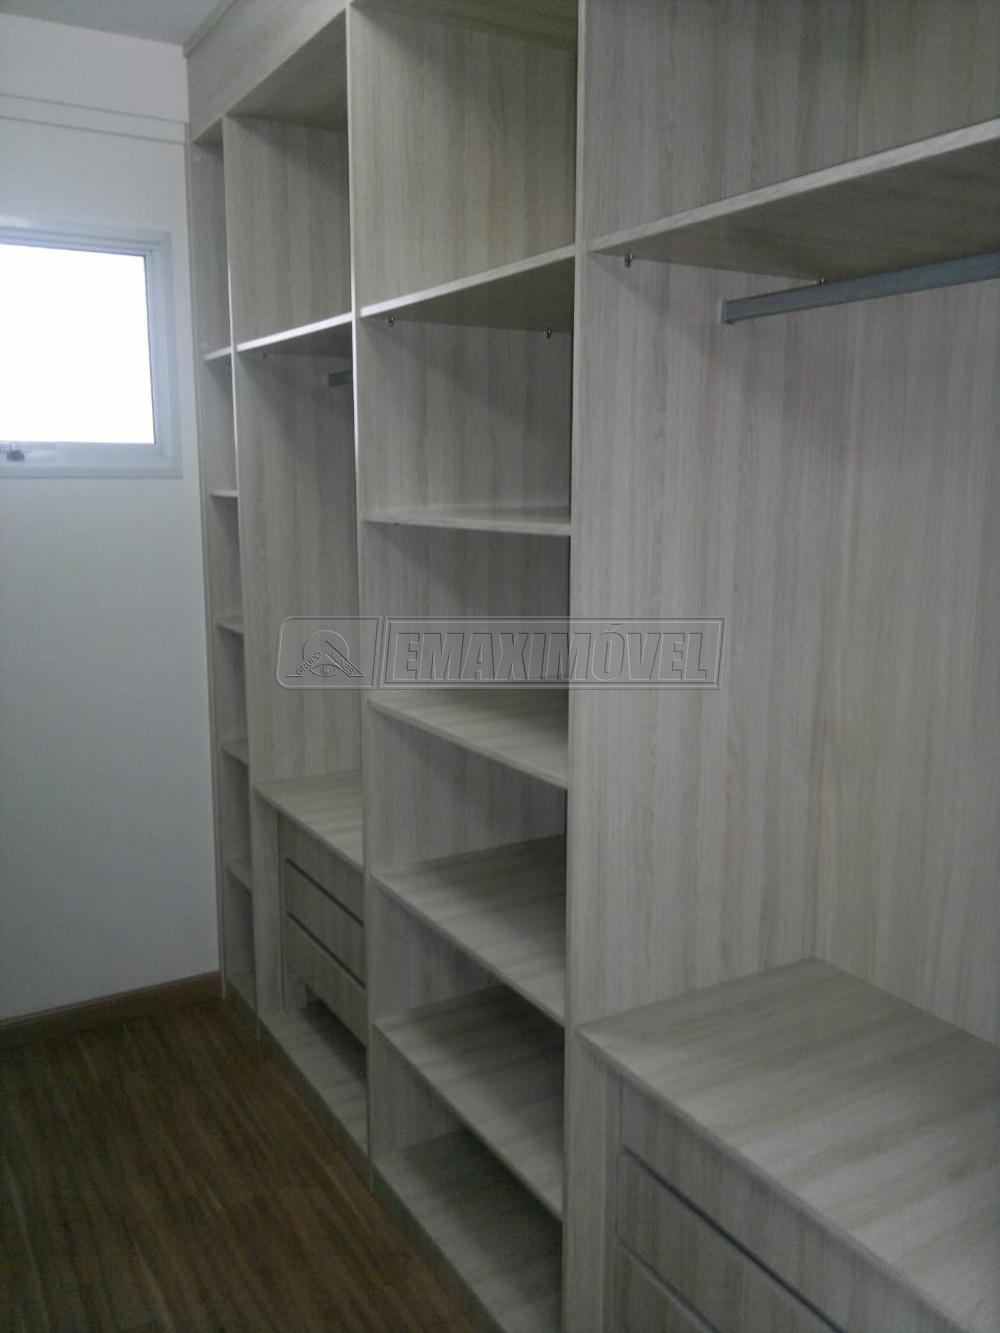 Comprar Apartamentos / Apto Padrão em Sorocaba apenas R$ 850.000,00 - Foto 6